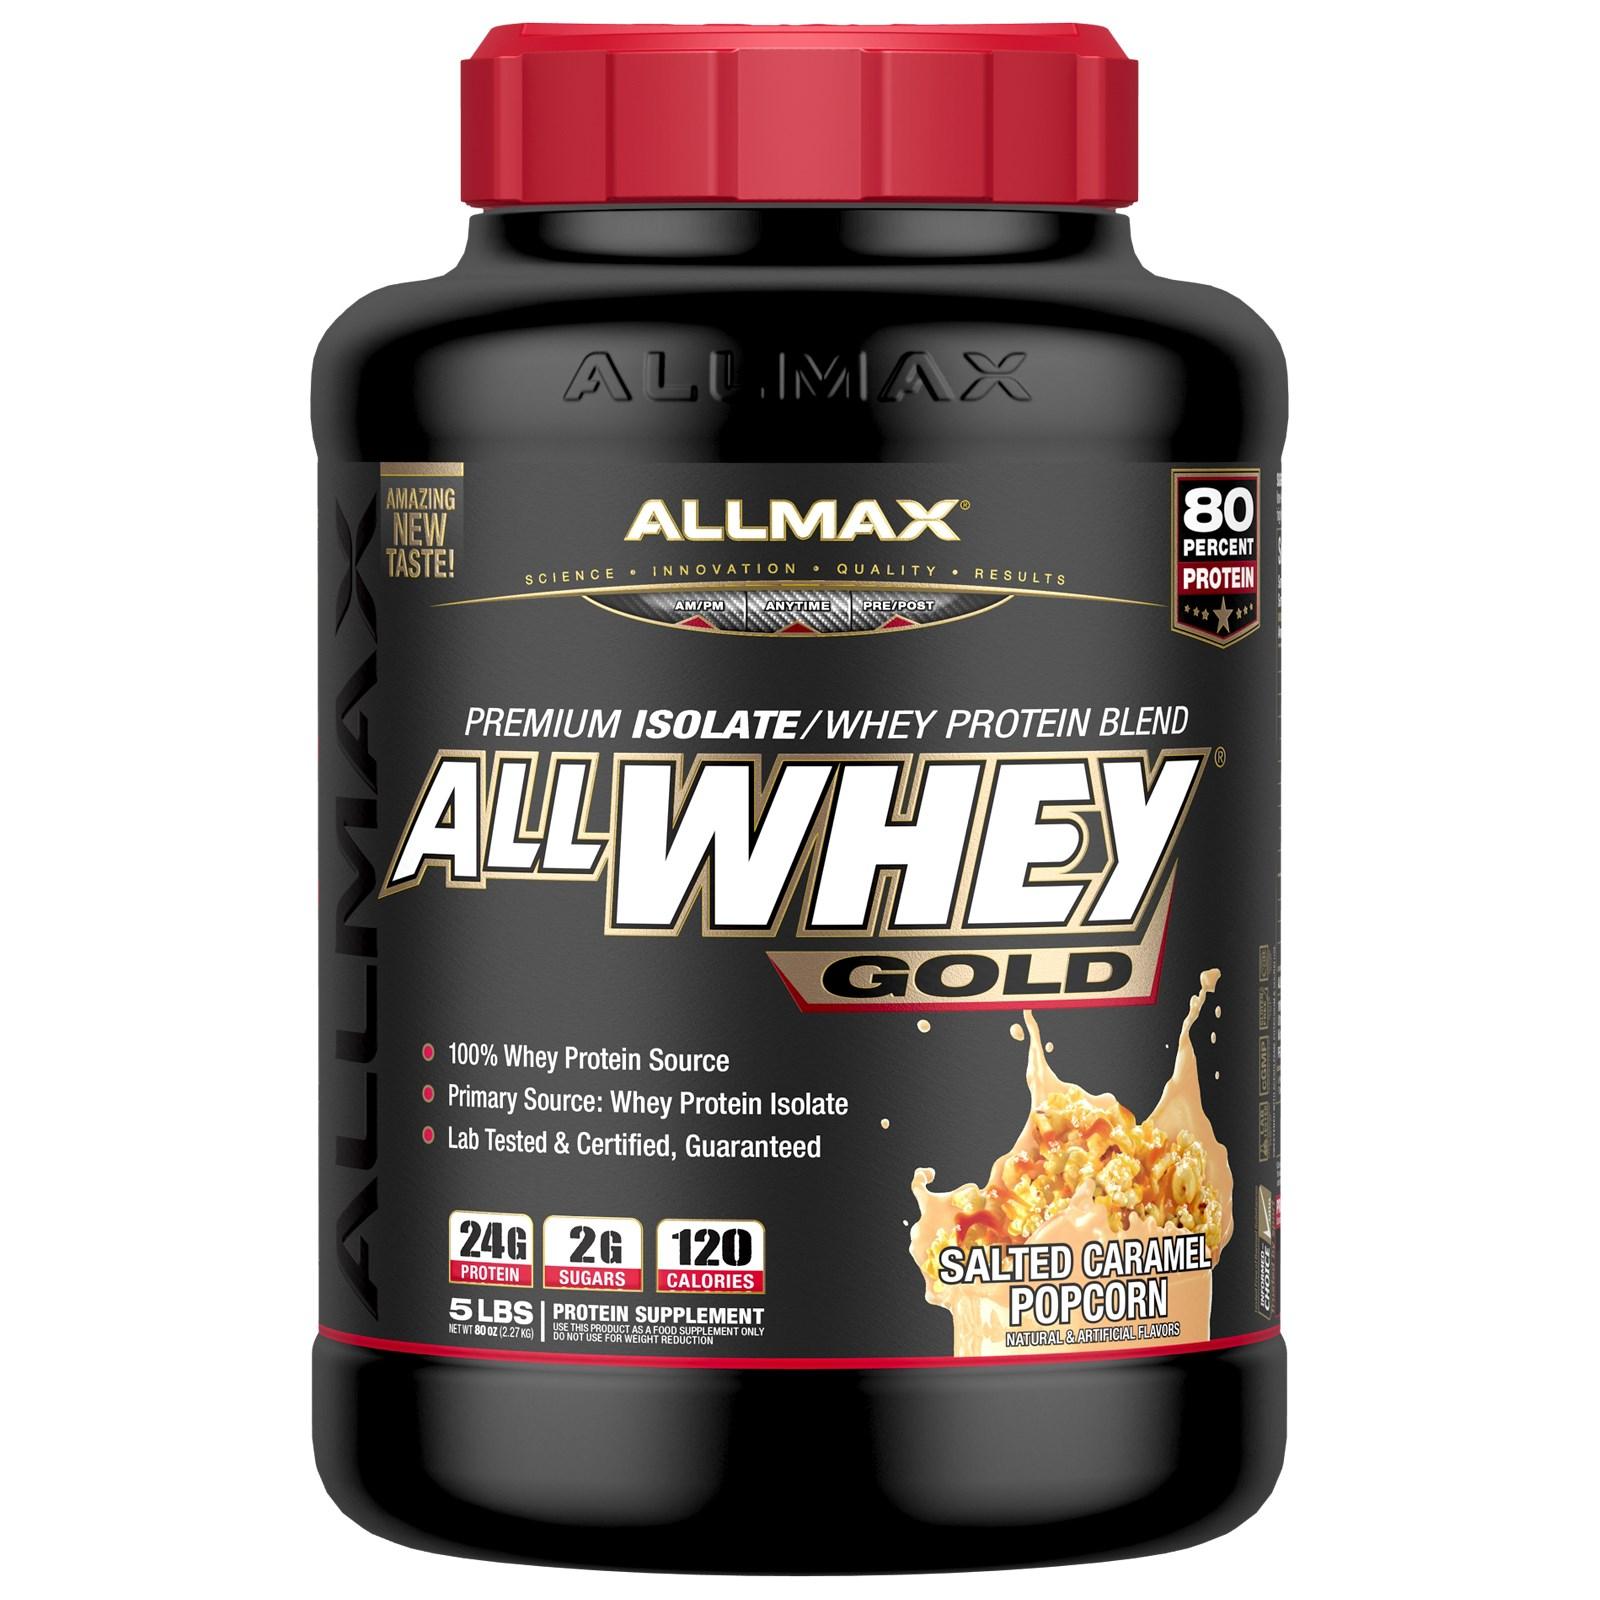 ALLMAX Nutrition, AllWhey Gold, 100% сывороточный белок + премиальный изолят сывороточного белка, соленый карамельный попкорн, 2,27 кг (5 фунтов)